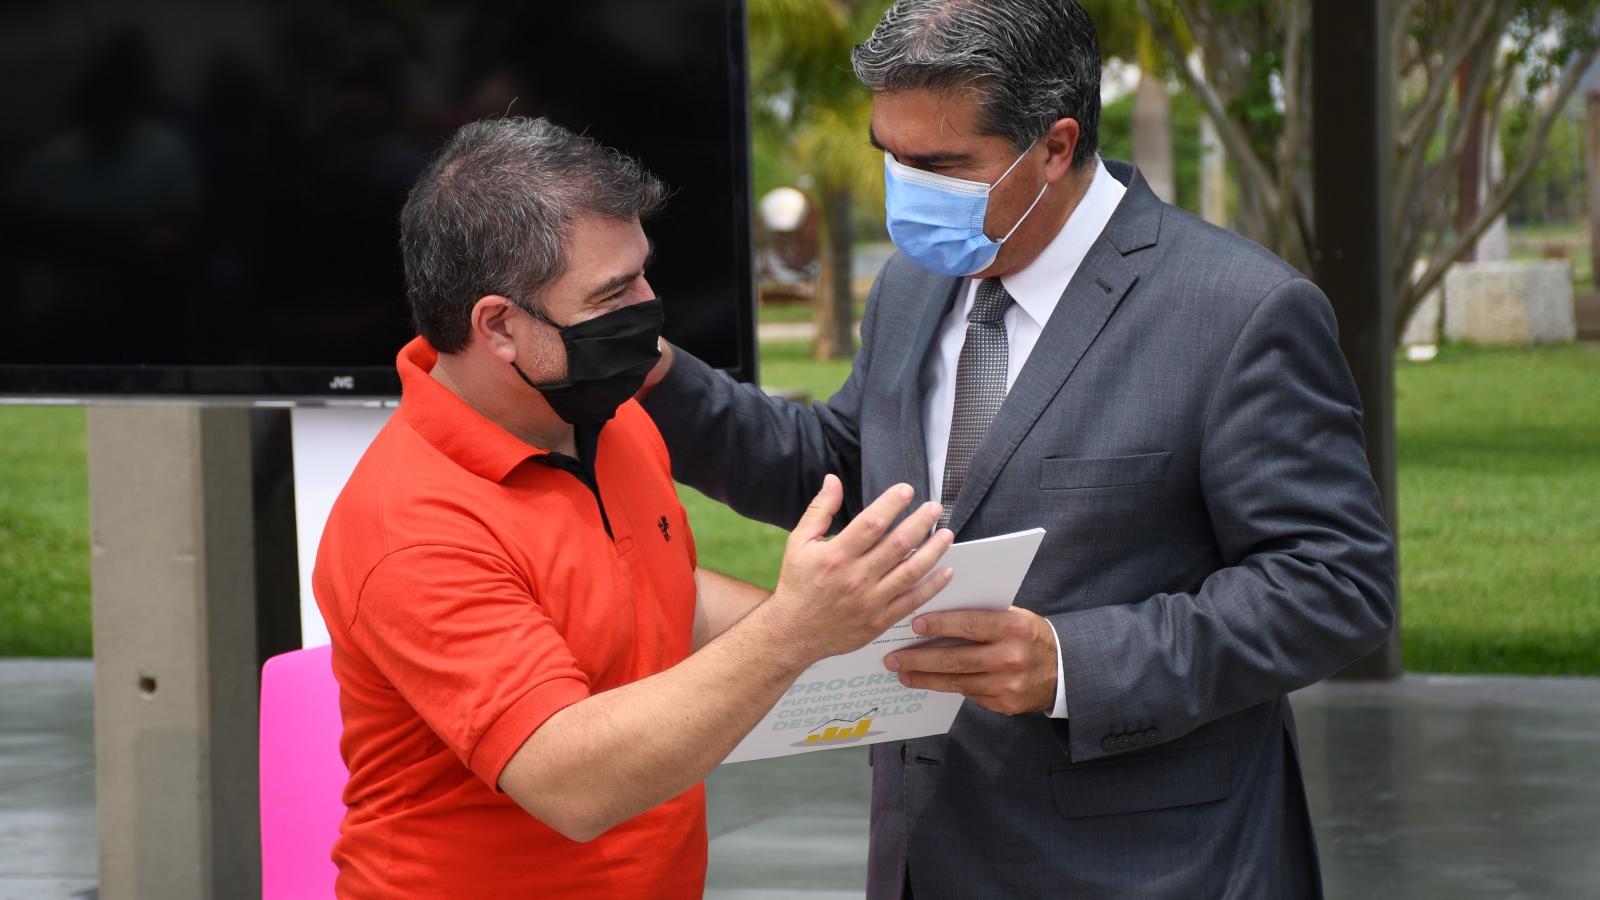 El gobernador Capitanich entregando la tarjeta del Programa Tuya Reactiva